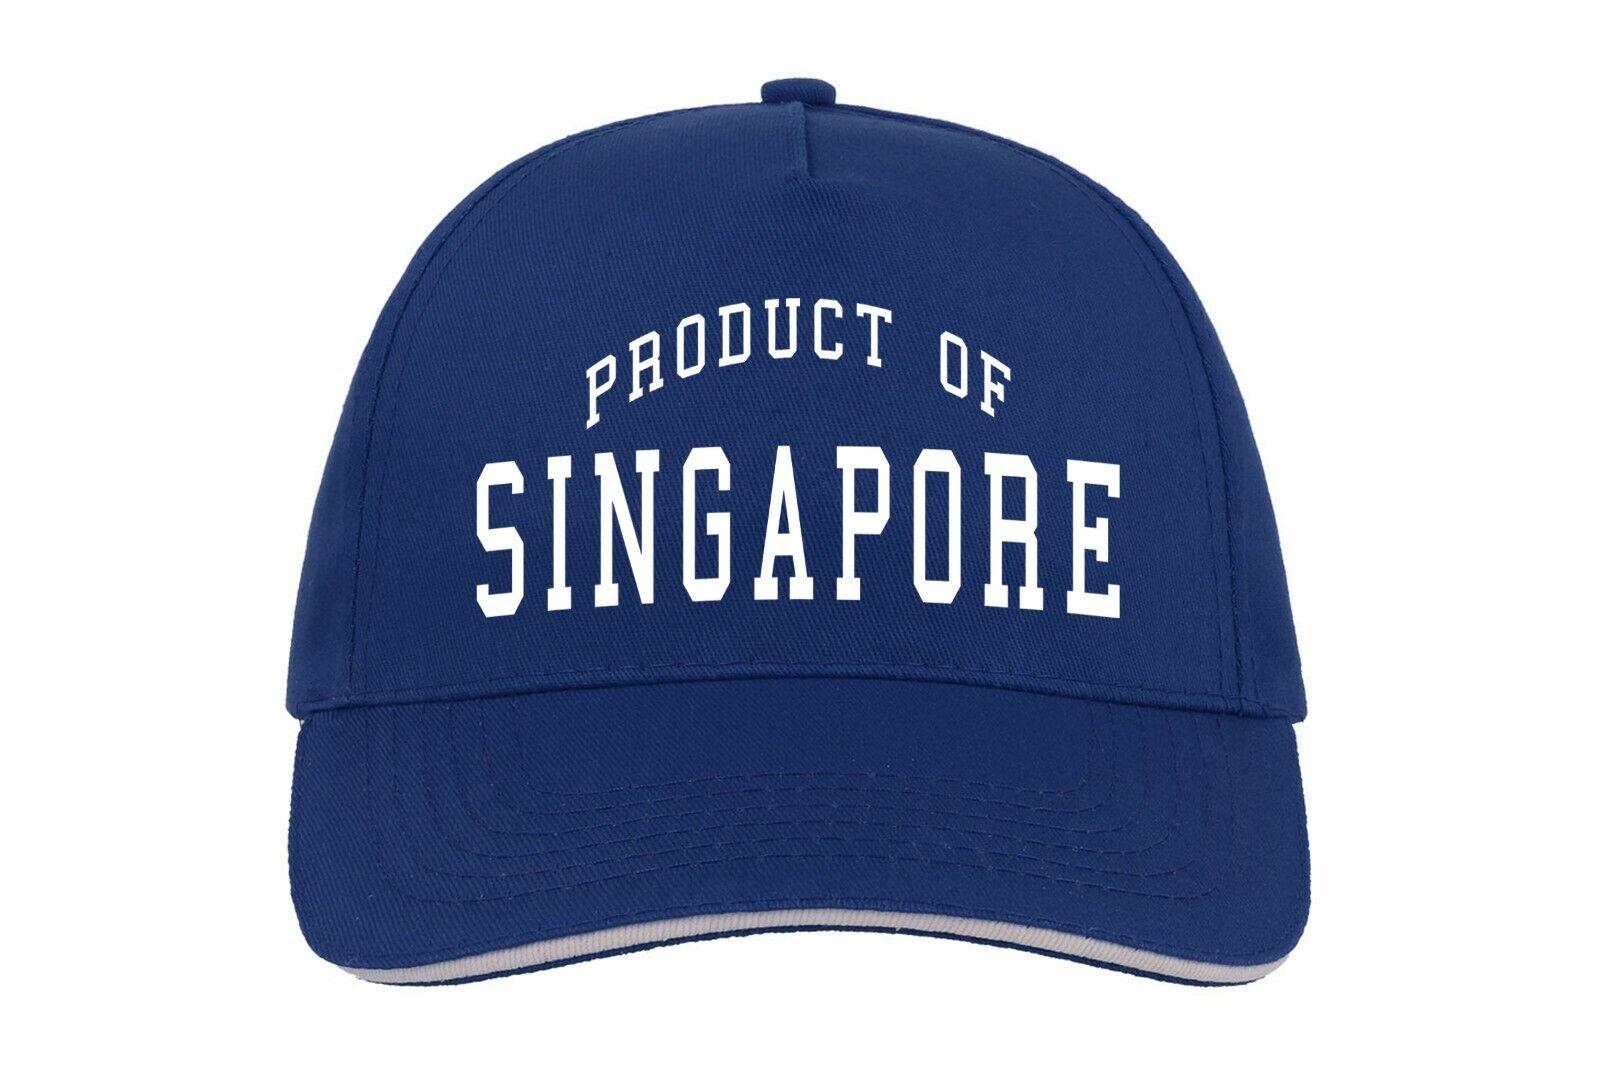 Singapur Produkt Von Baseballmütze Cap Maßgefertigt Geburtstagsgeschenk Country